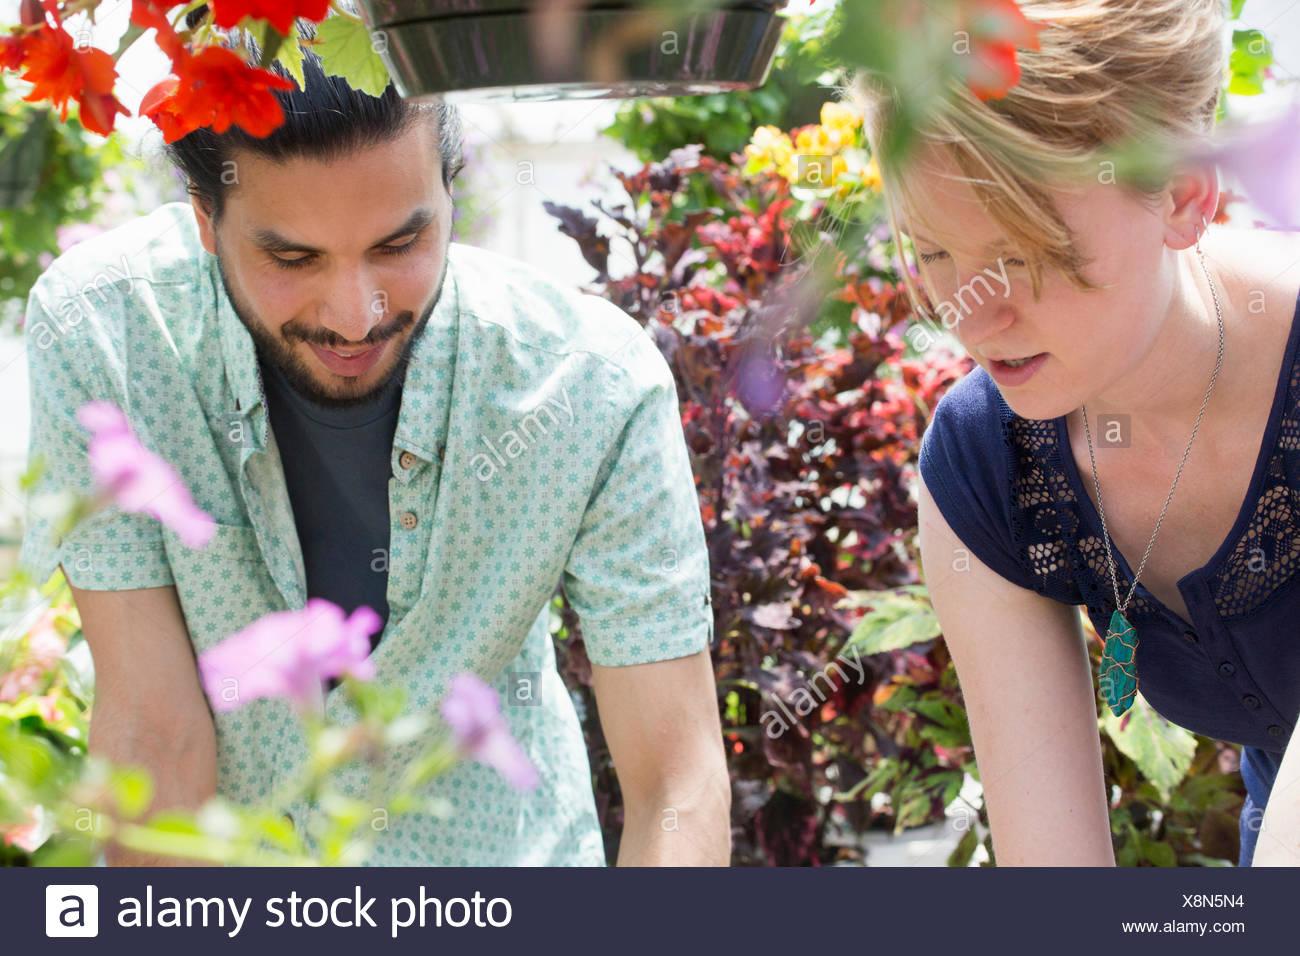 Un uomo e una donna in un centro giardino, sia guardando verso il basso. Immagini Stock